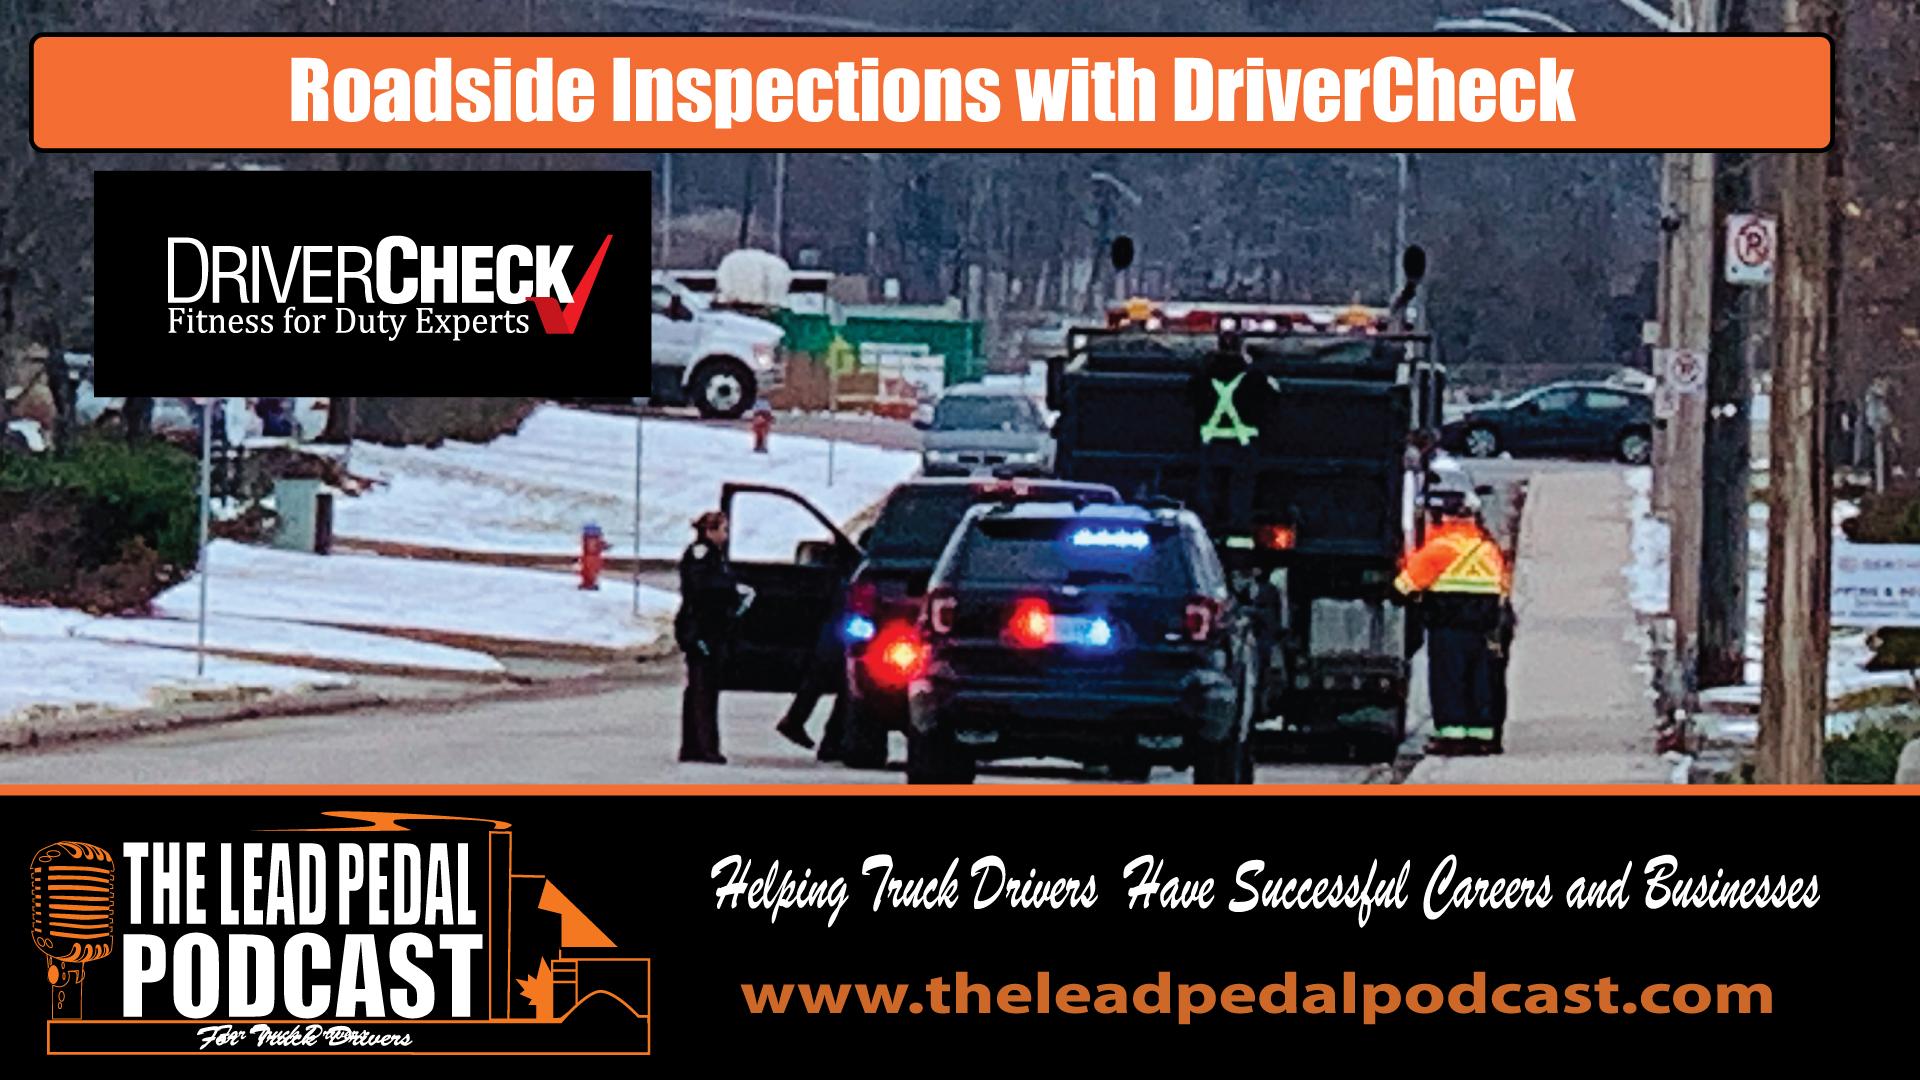 Meet Drivercheck